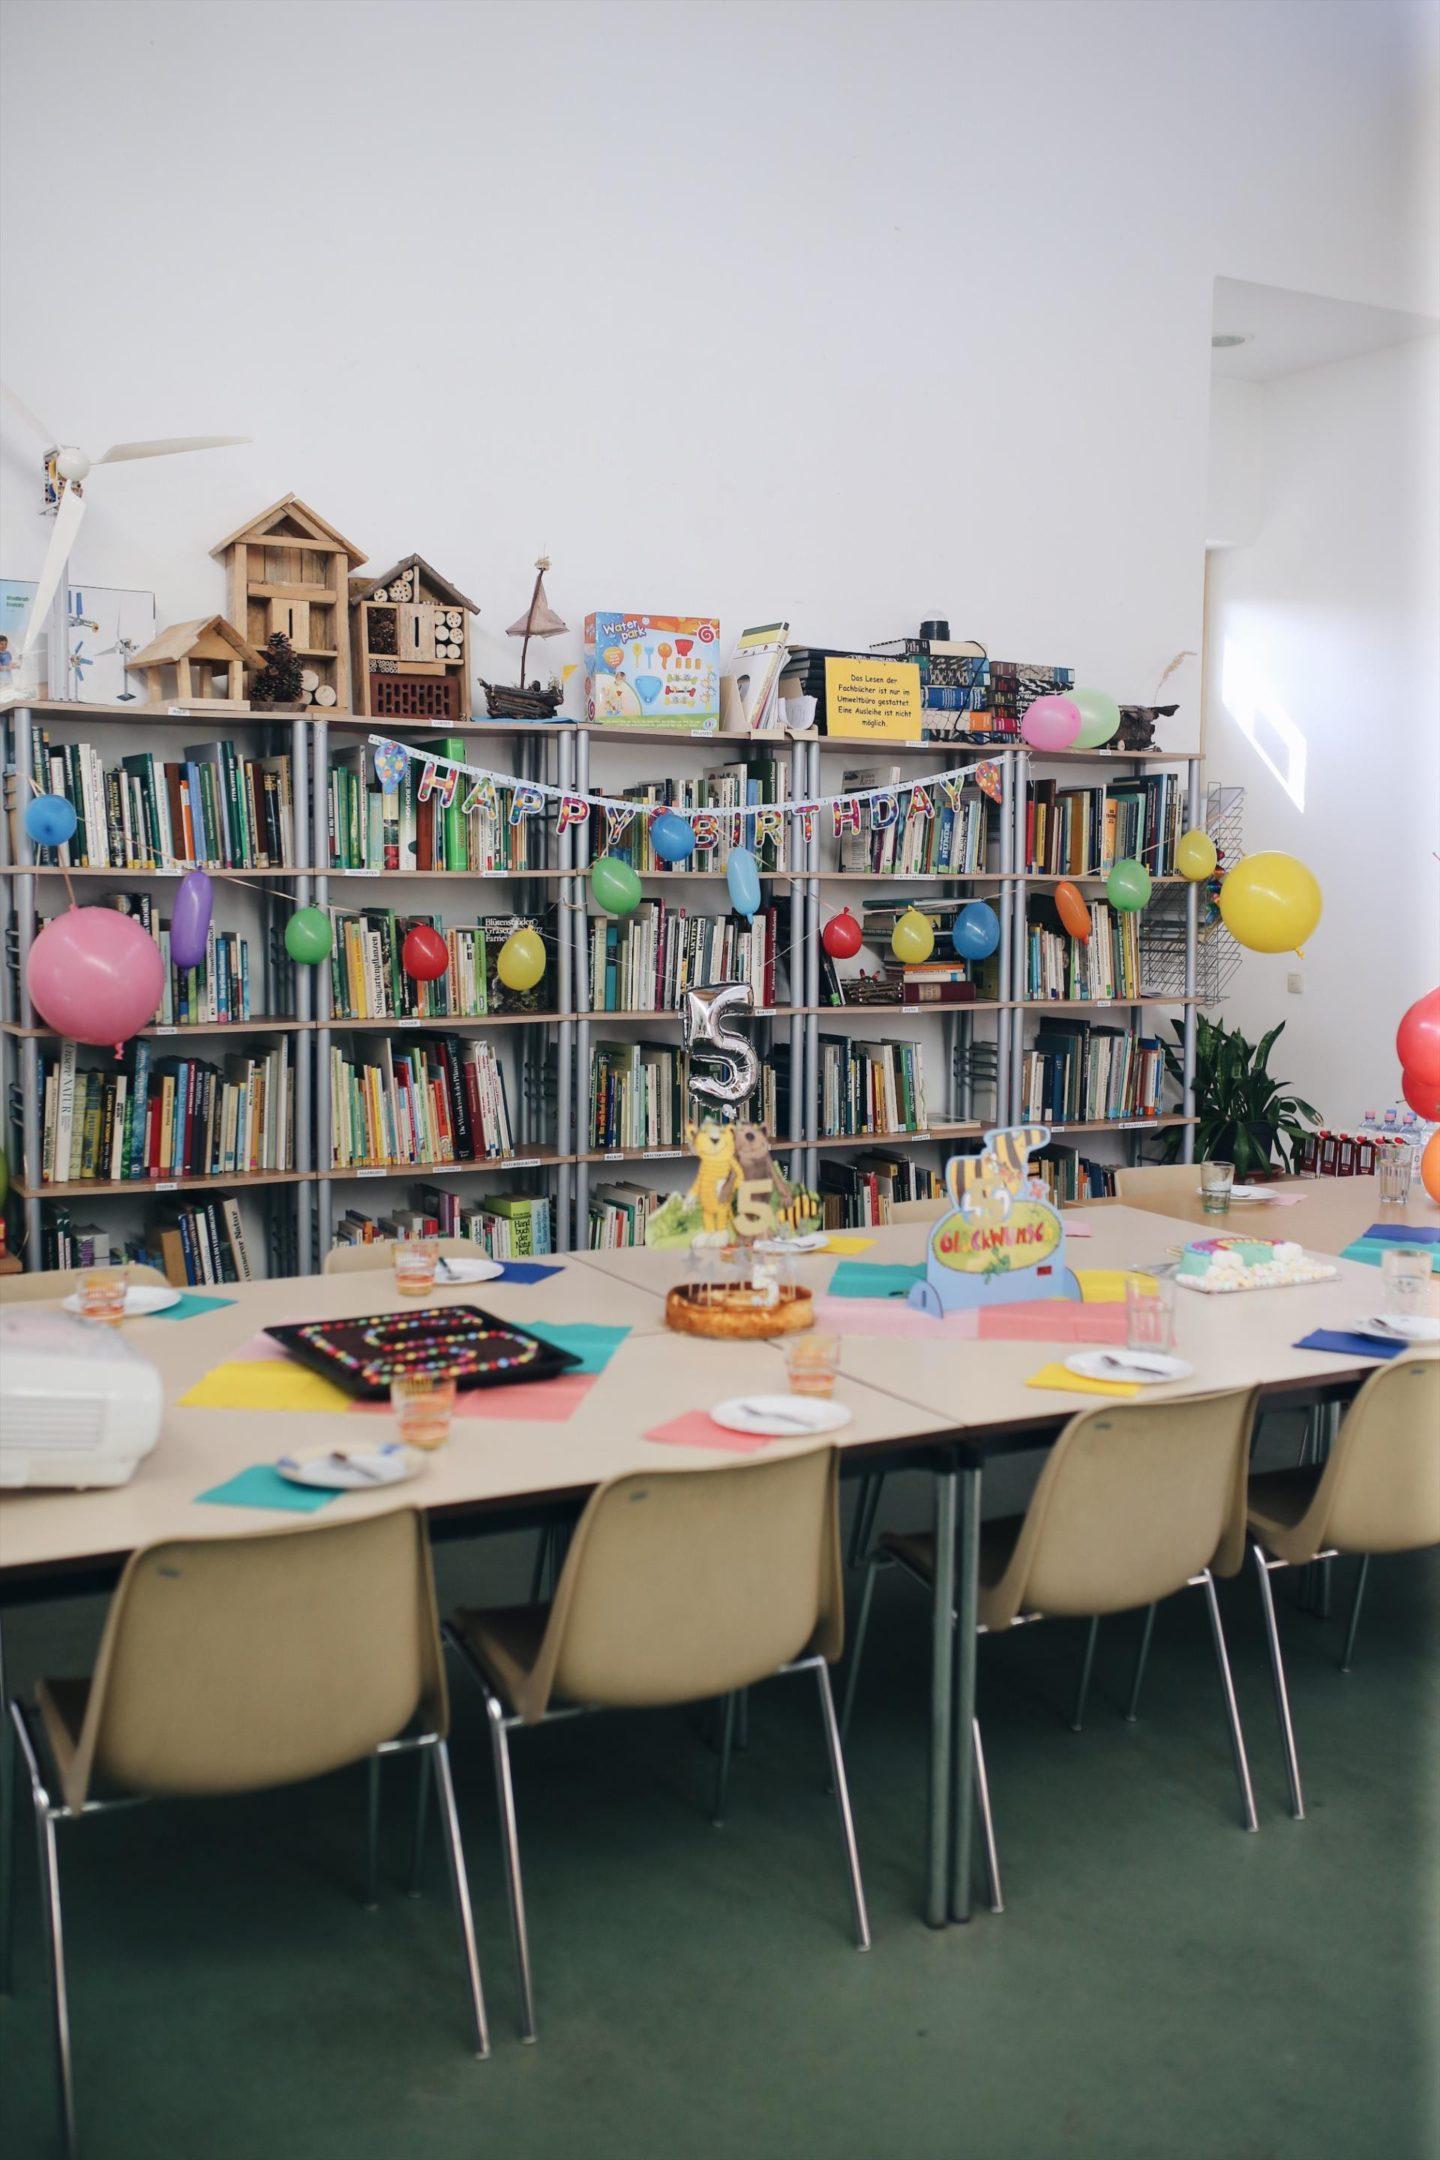 Friedrichs 5. Janosch Kindergeburtstag: Komm, wir finden einen Schatz! | Kindergeburtstag mit Montessori Ritual, Umweltbüro Schatzsuche, gepimpten Torten einfach zum selber machen | Pinspiration.de